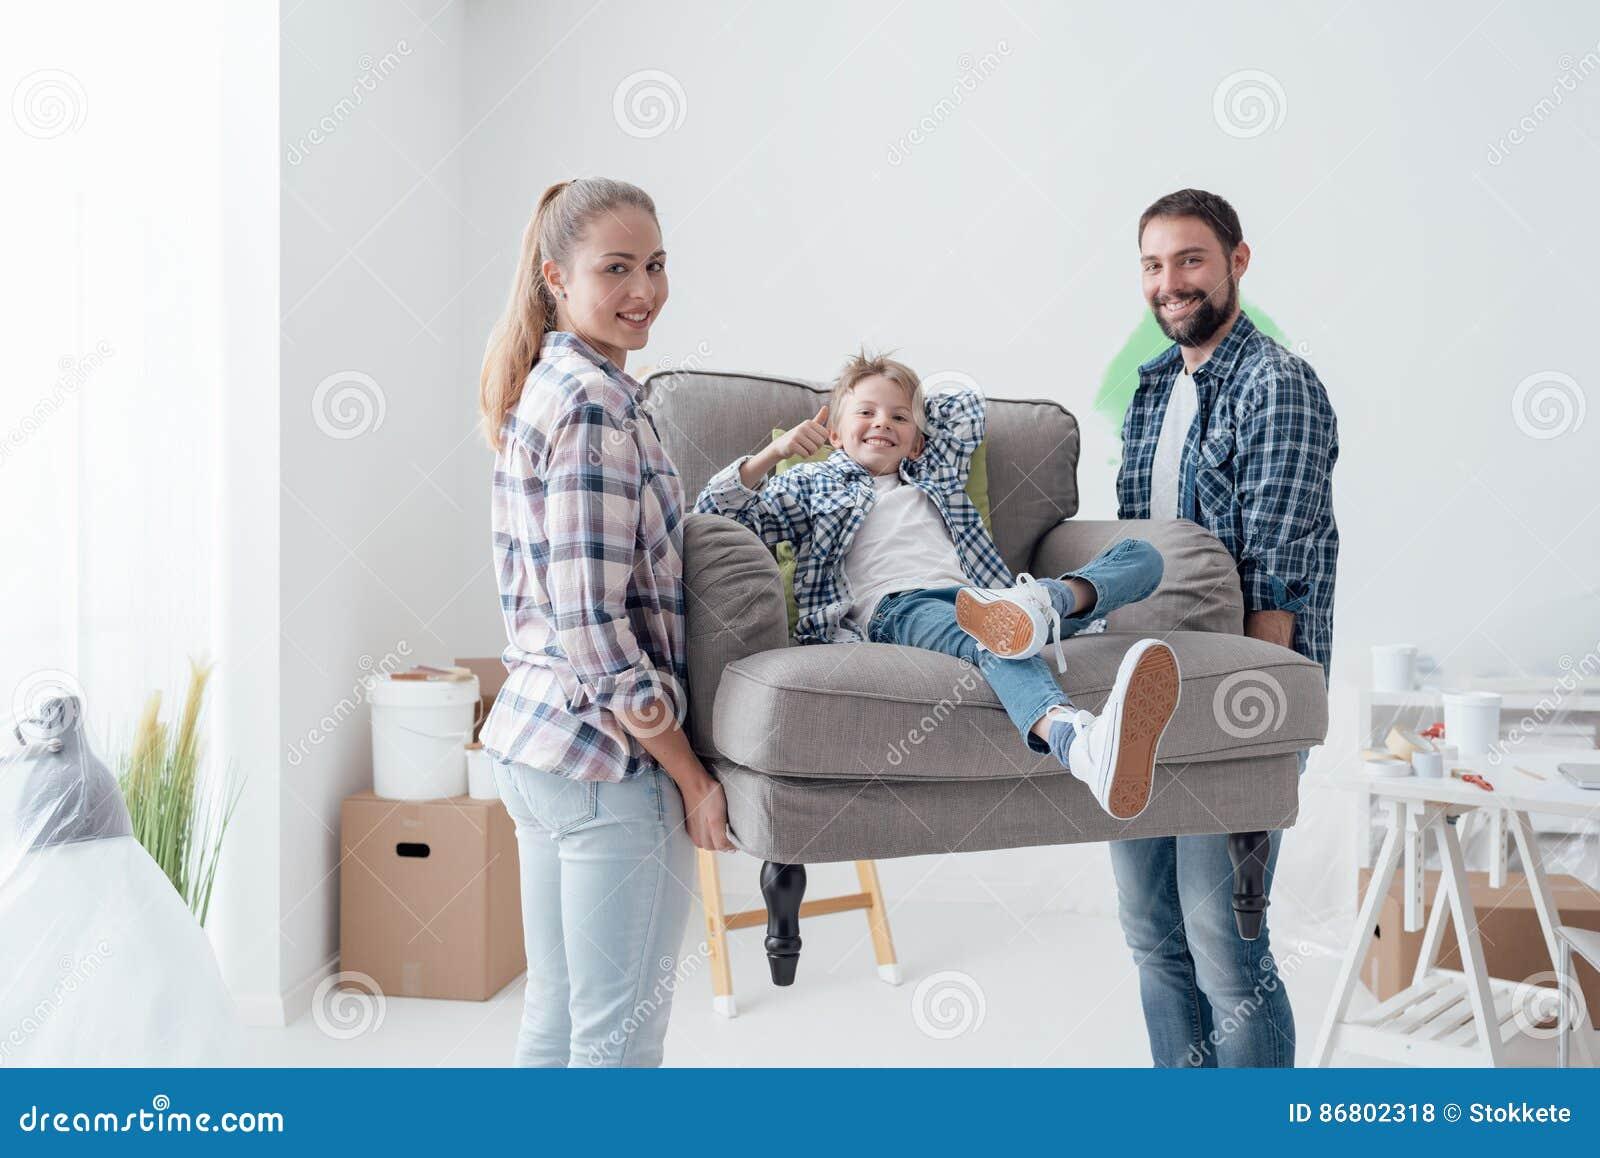 famille entrant dans une maison neuve photo stock image du mari r adressage 86802318. Black Bedroom Furniture Sets. Home Design Ideas